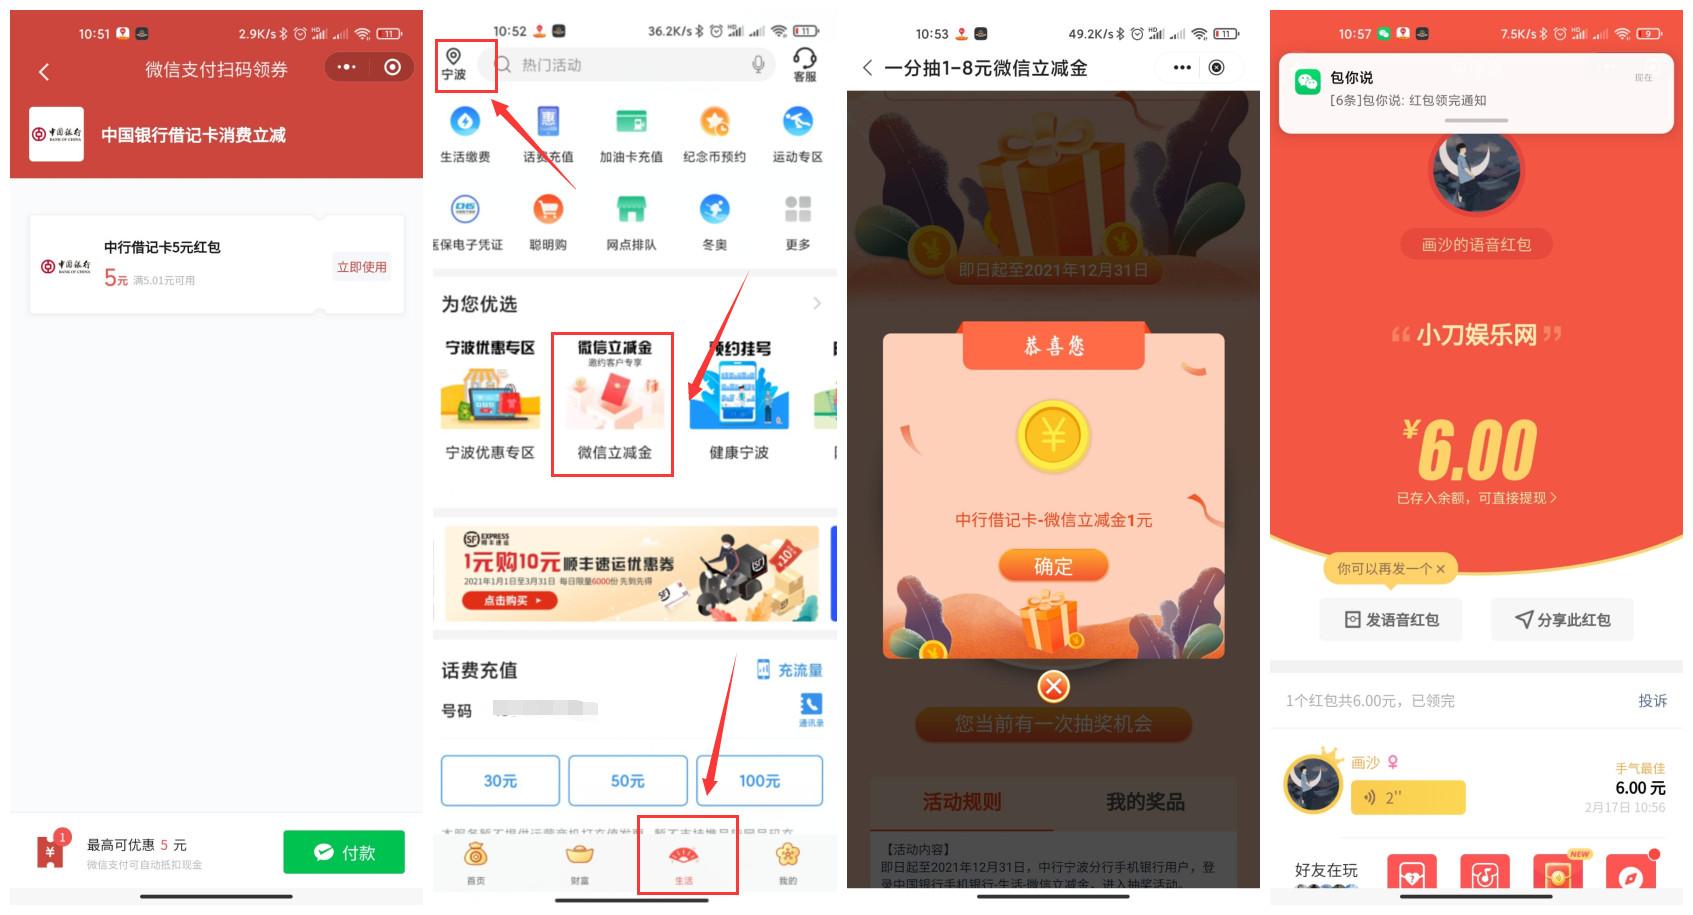 中国银行领取6元微信零钱插图中国银行领取6元微信零钱